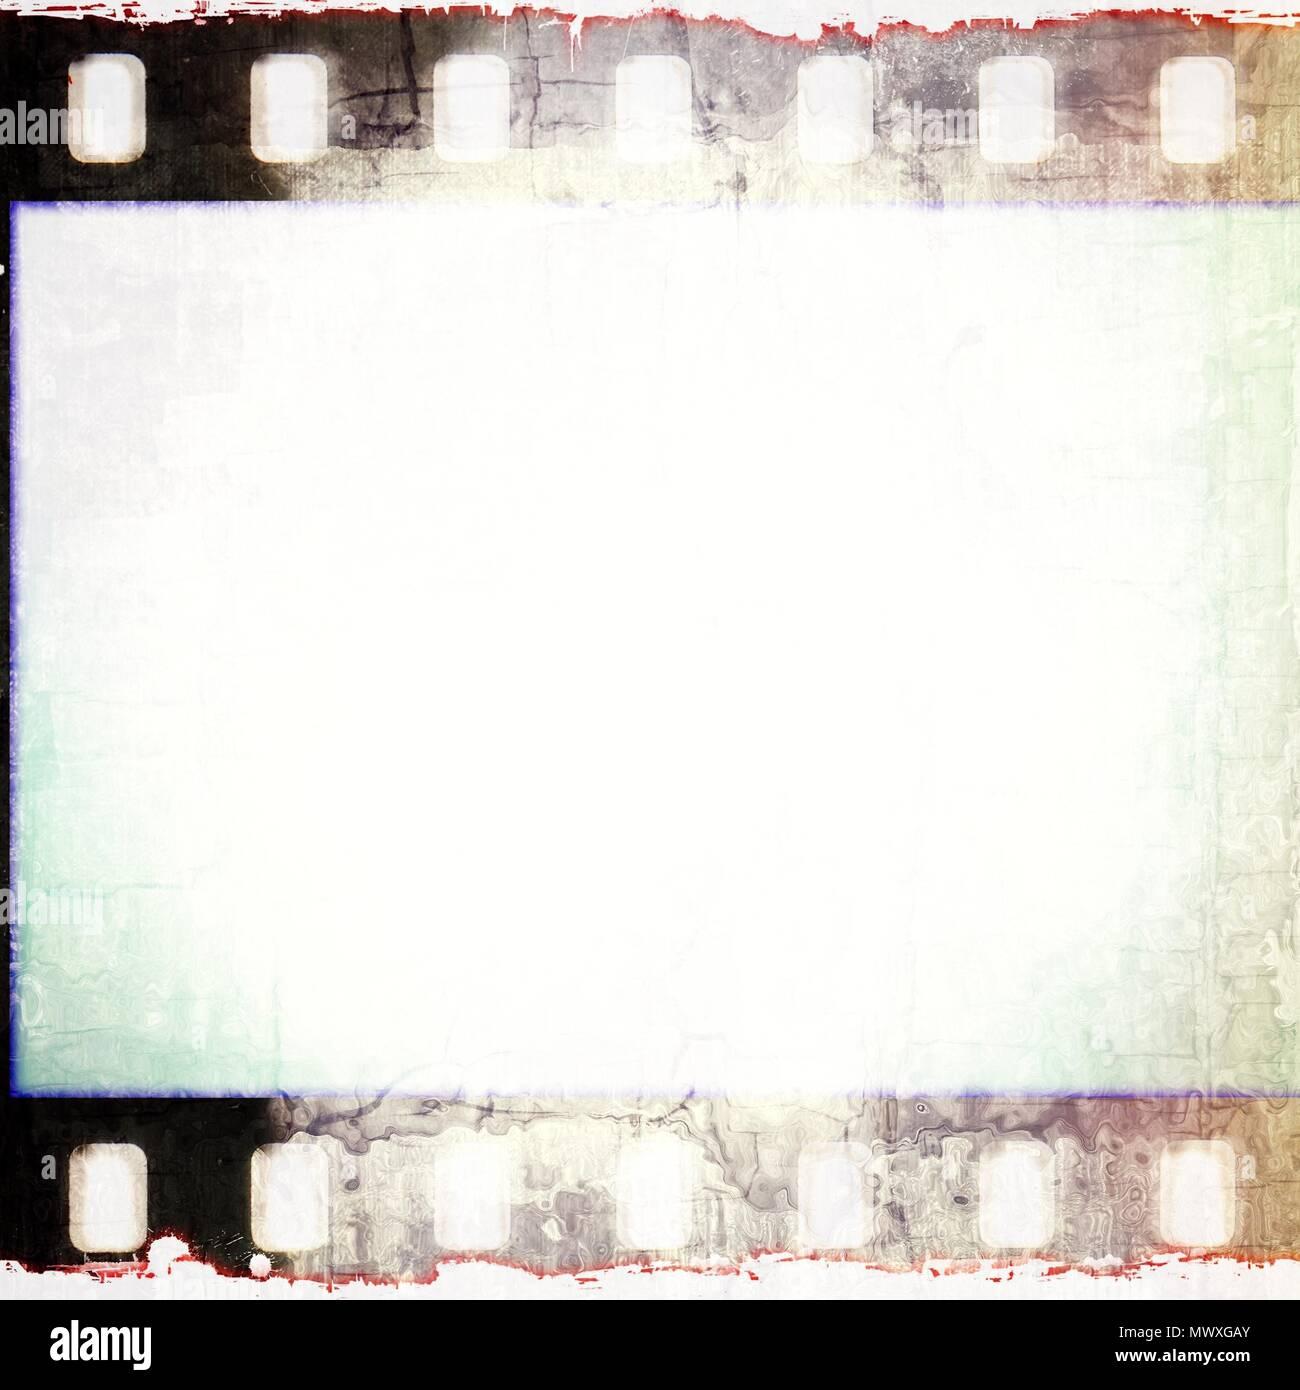 Vintage squared film strip frame in sepia tones. - Stock Image